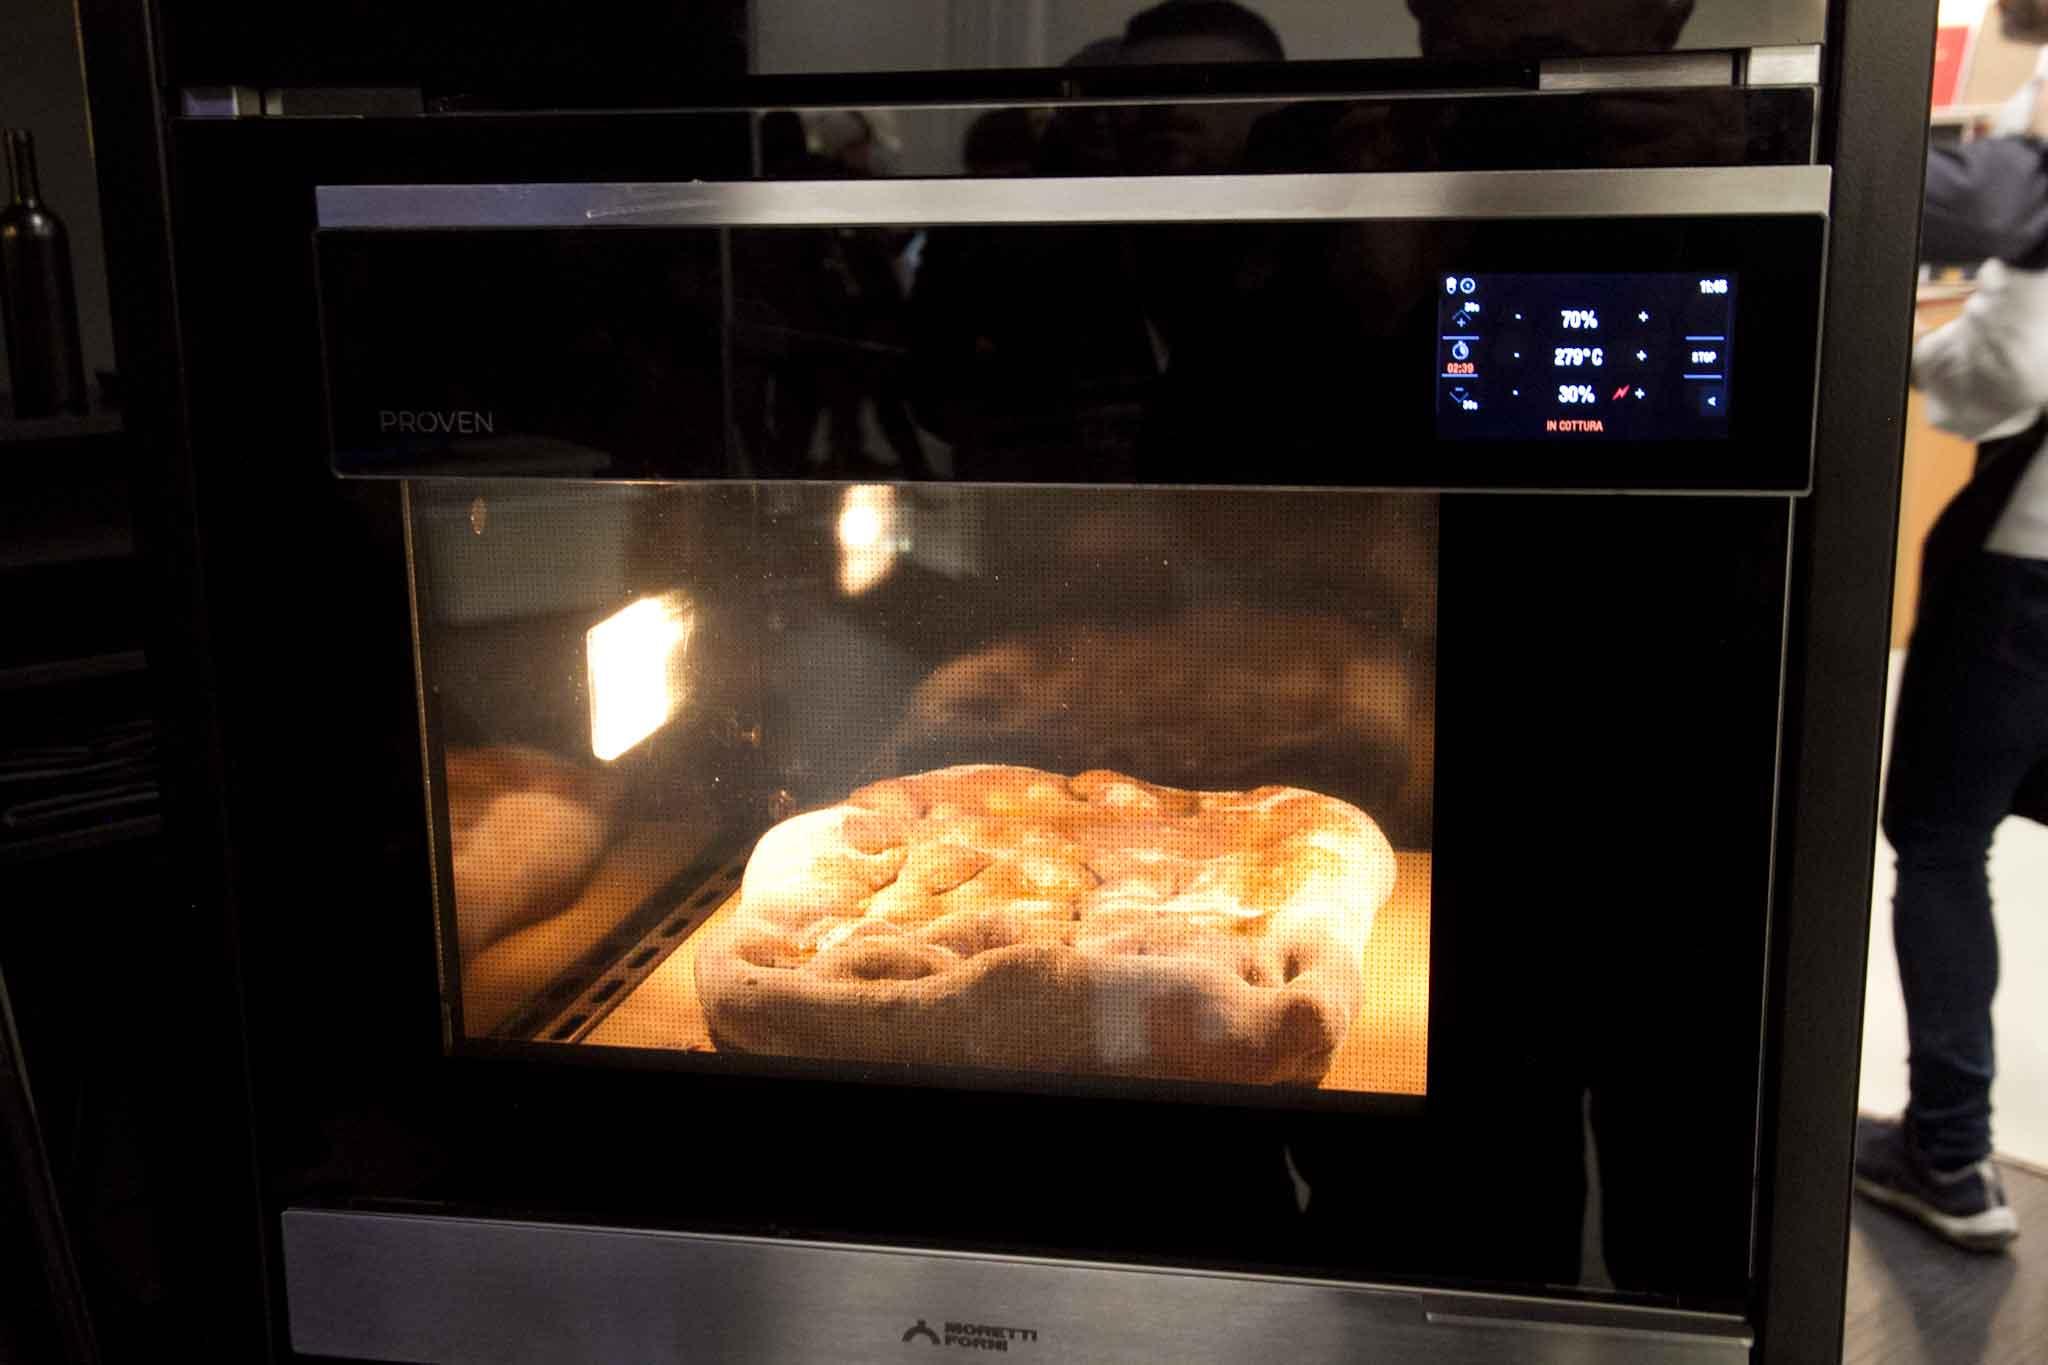 Cos 39 proven il forno che vi permette di fare qualsiasi - Forno e microonde insieme ...